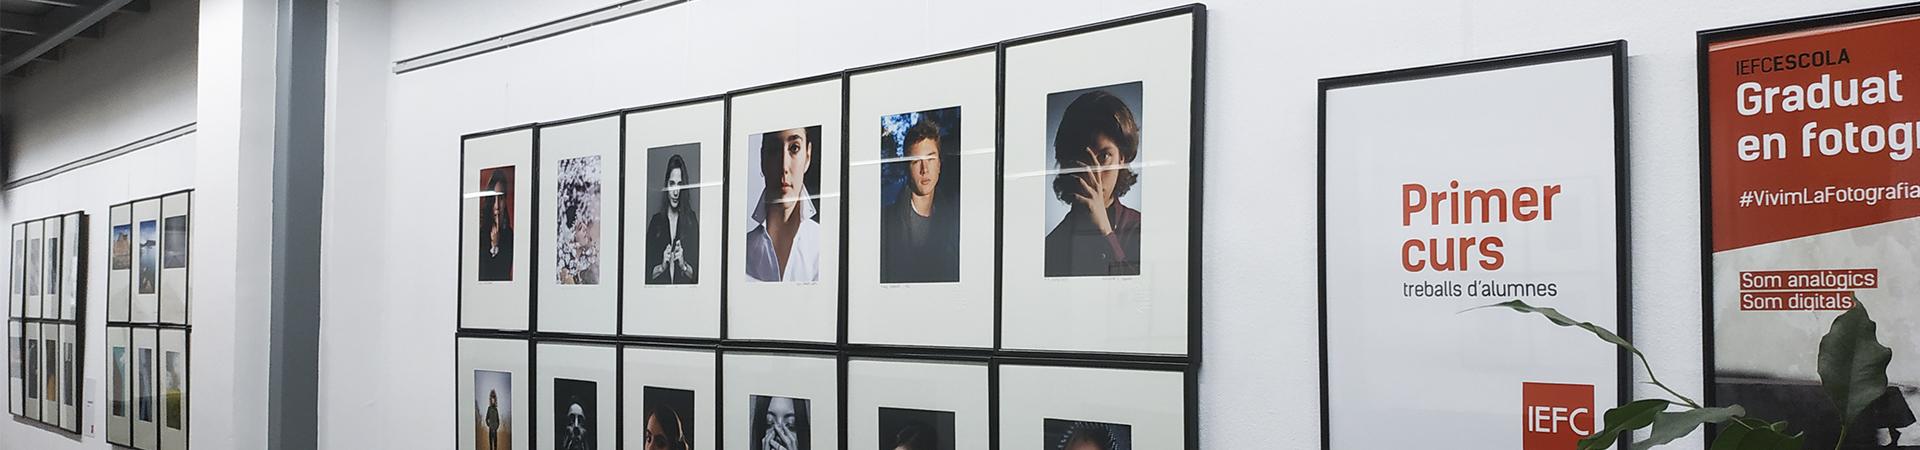 Exposició dels treballs dels alumnes del Graduat en Fotografia del curs 2017-2018